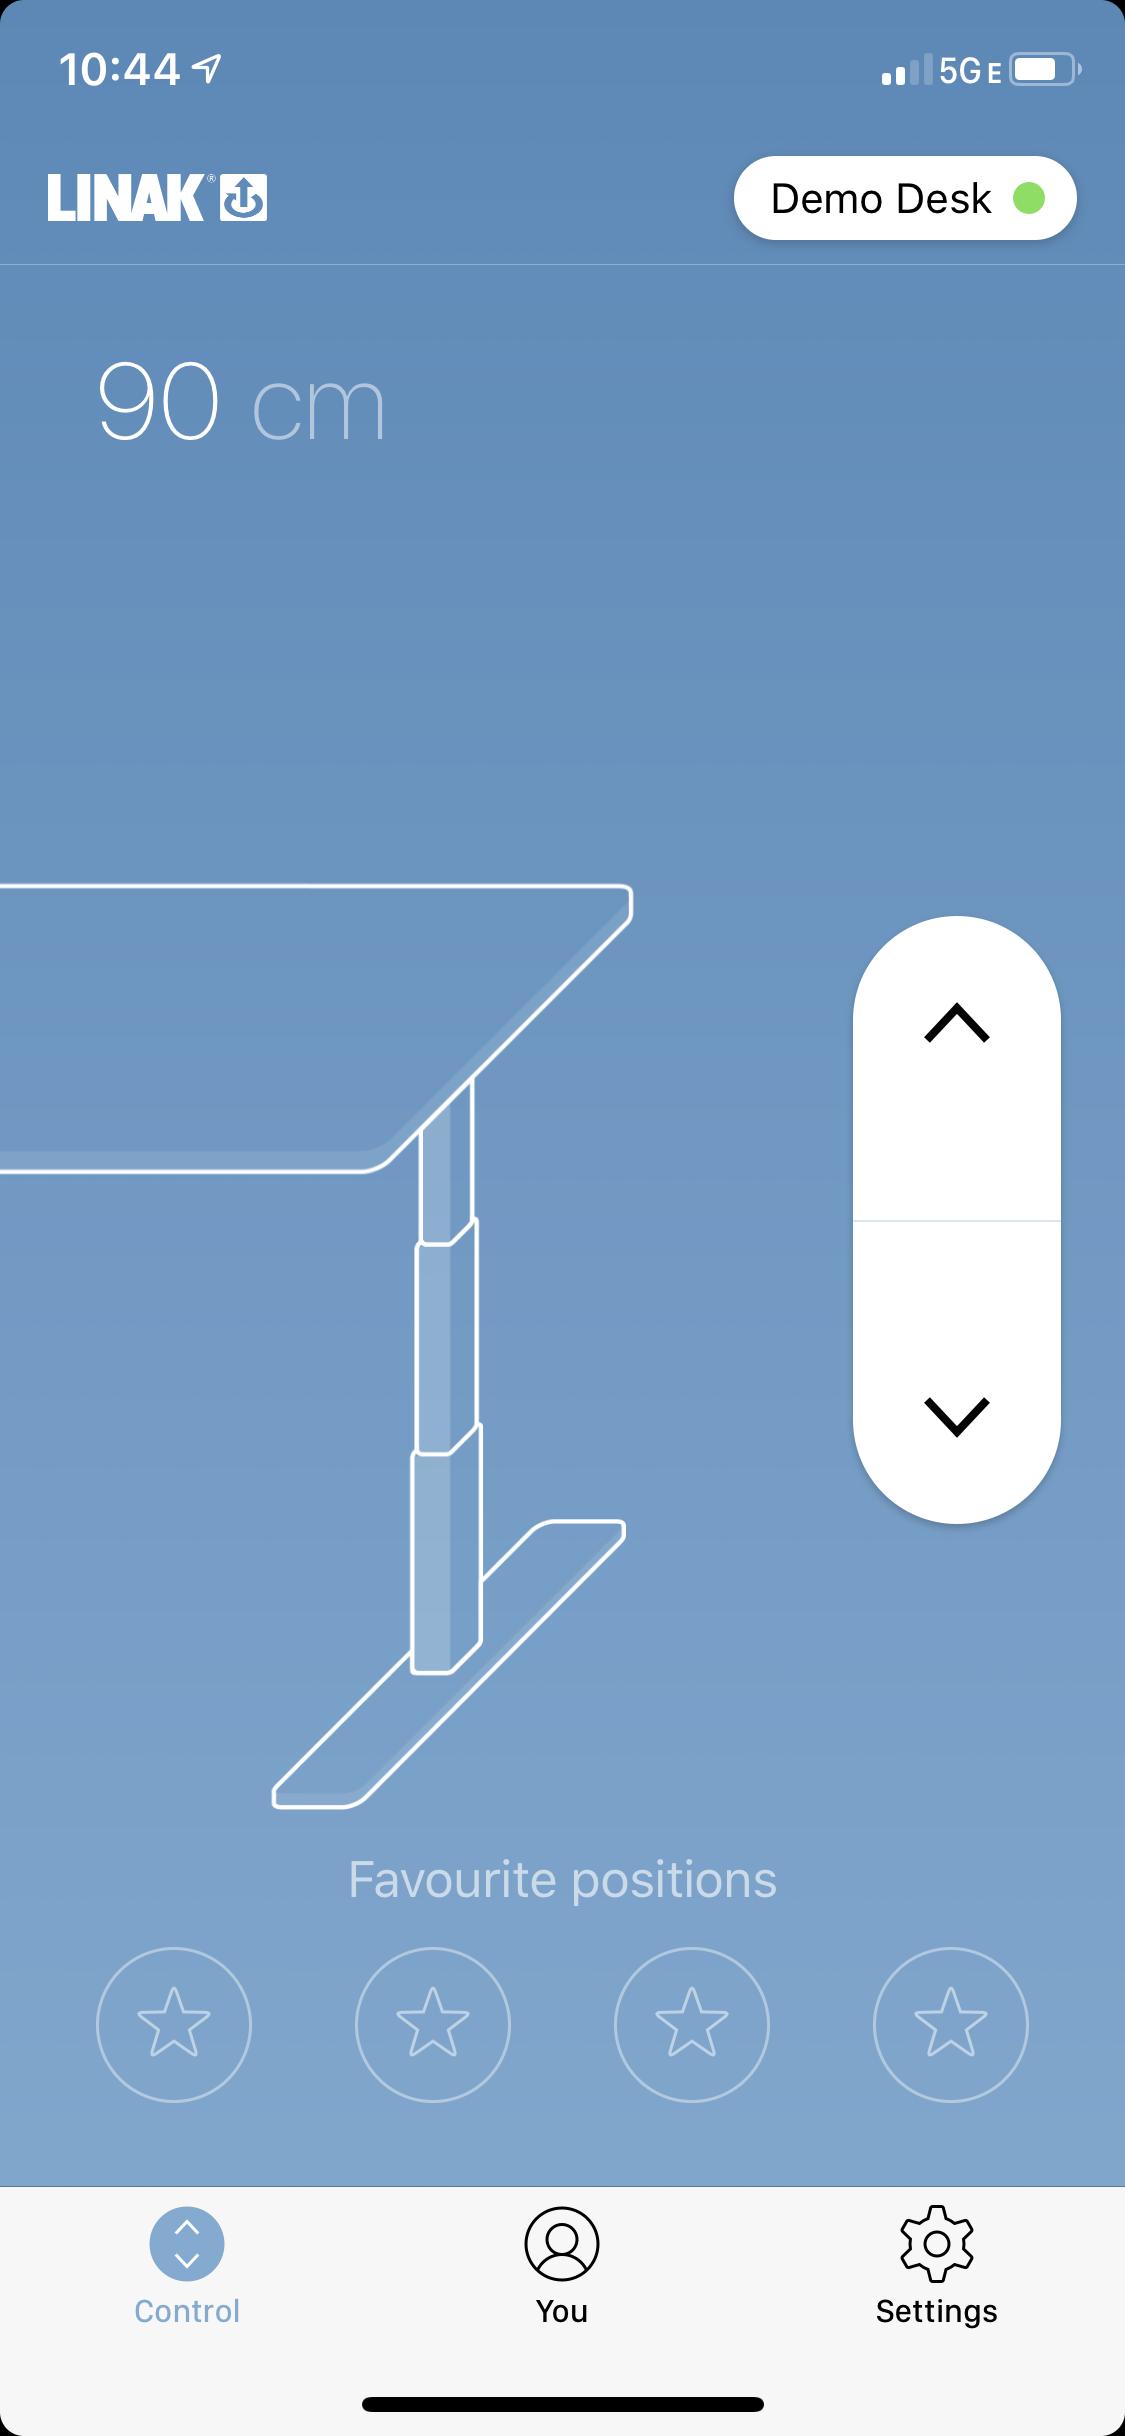 The Linak app for Lander and Lander Lite Desks